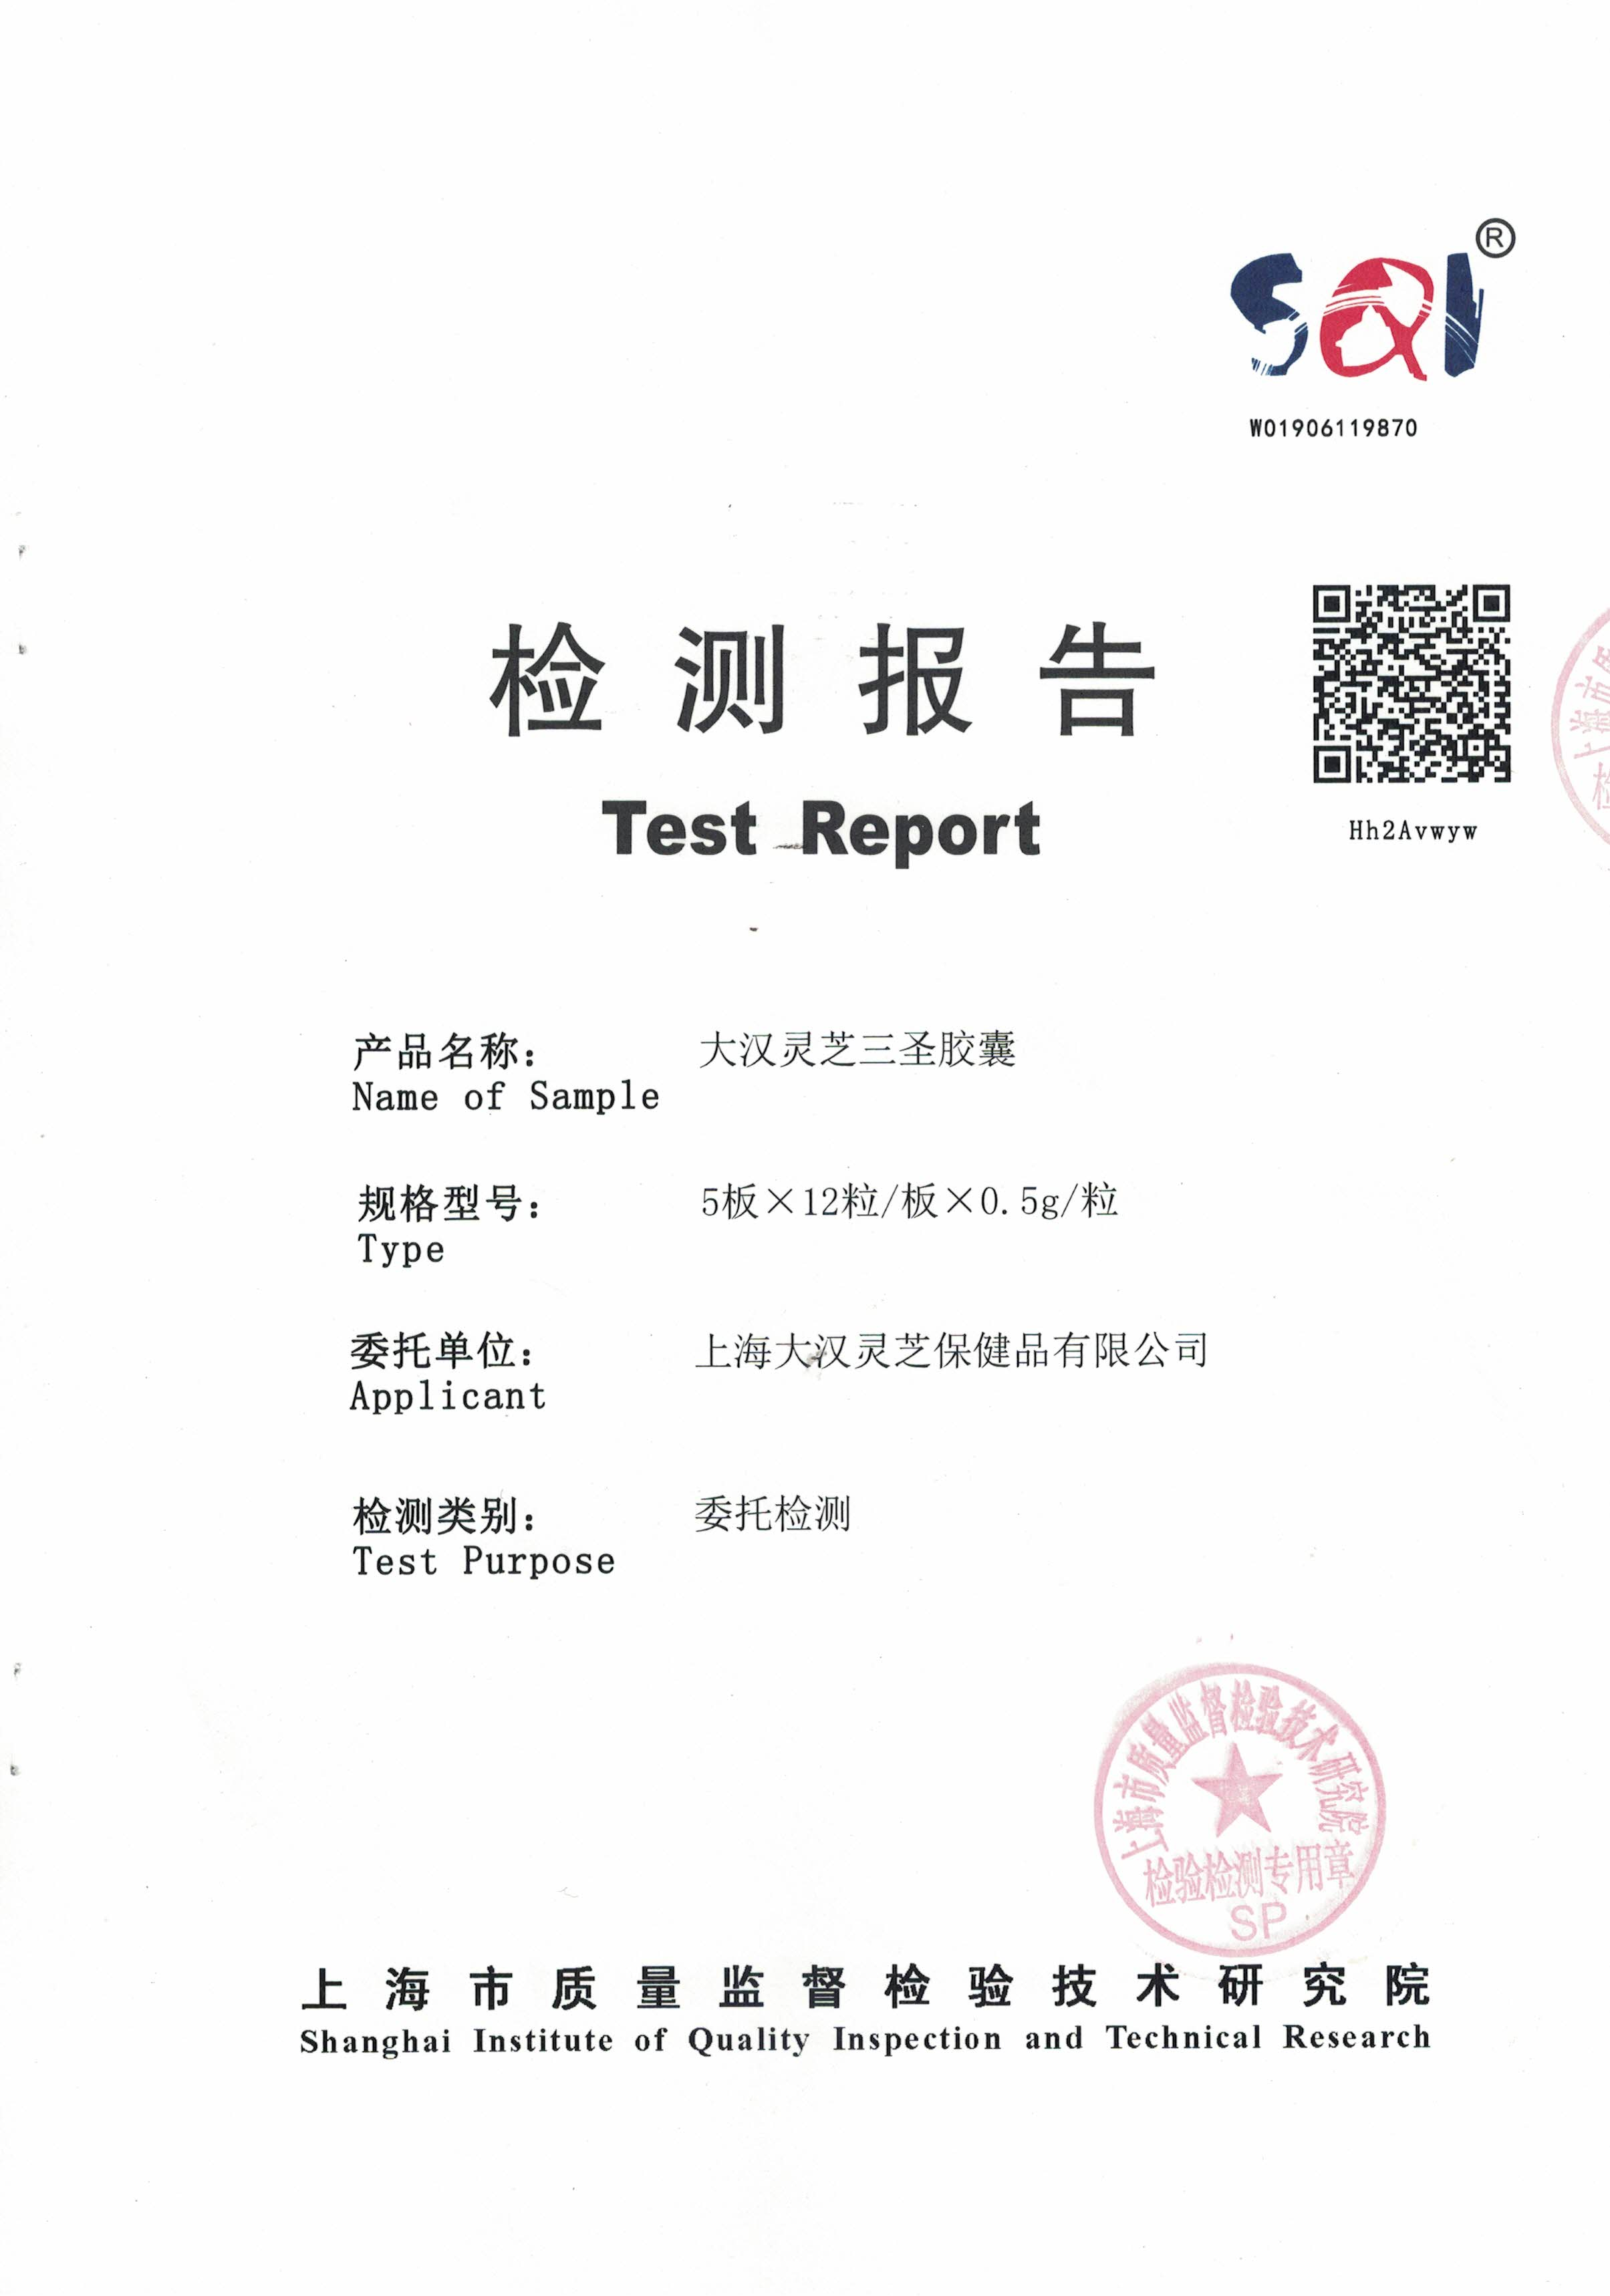 2019年 8月26日 大汉灵芝三圣胶囊 产品检测报告